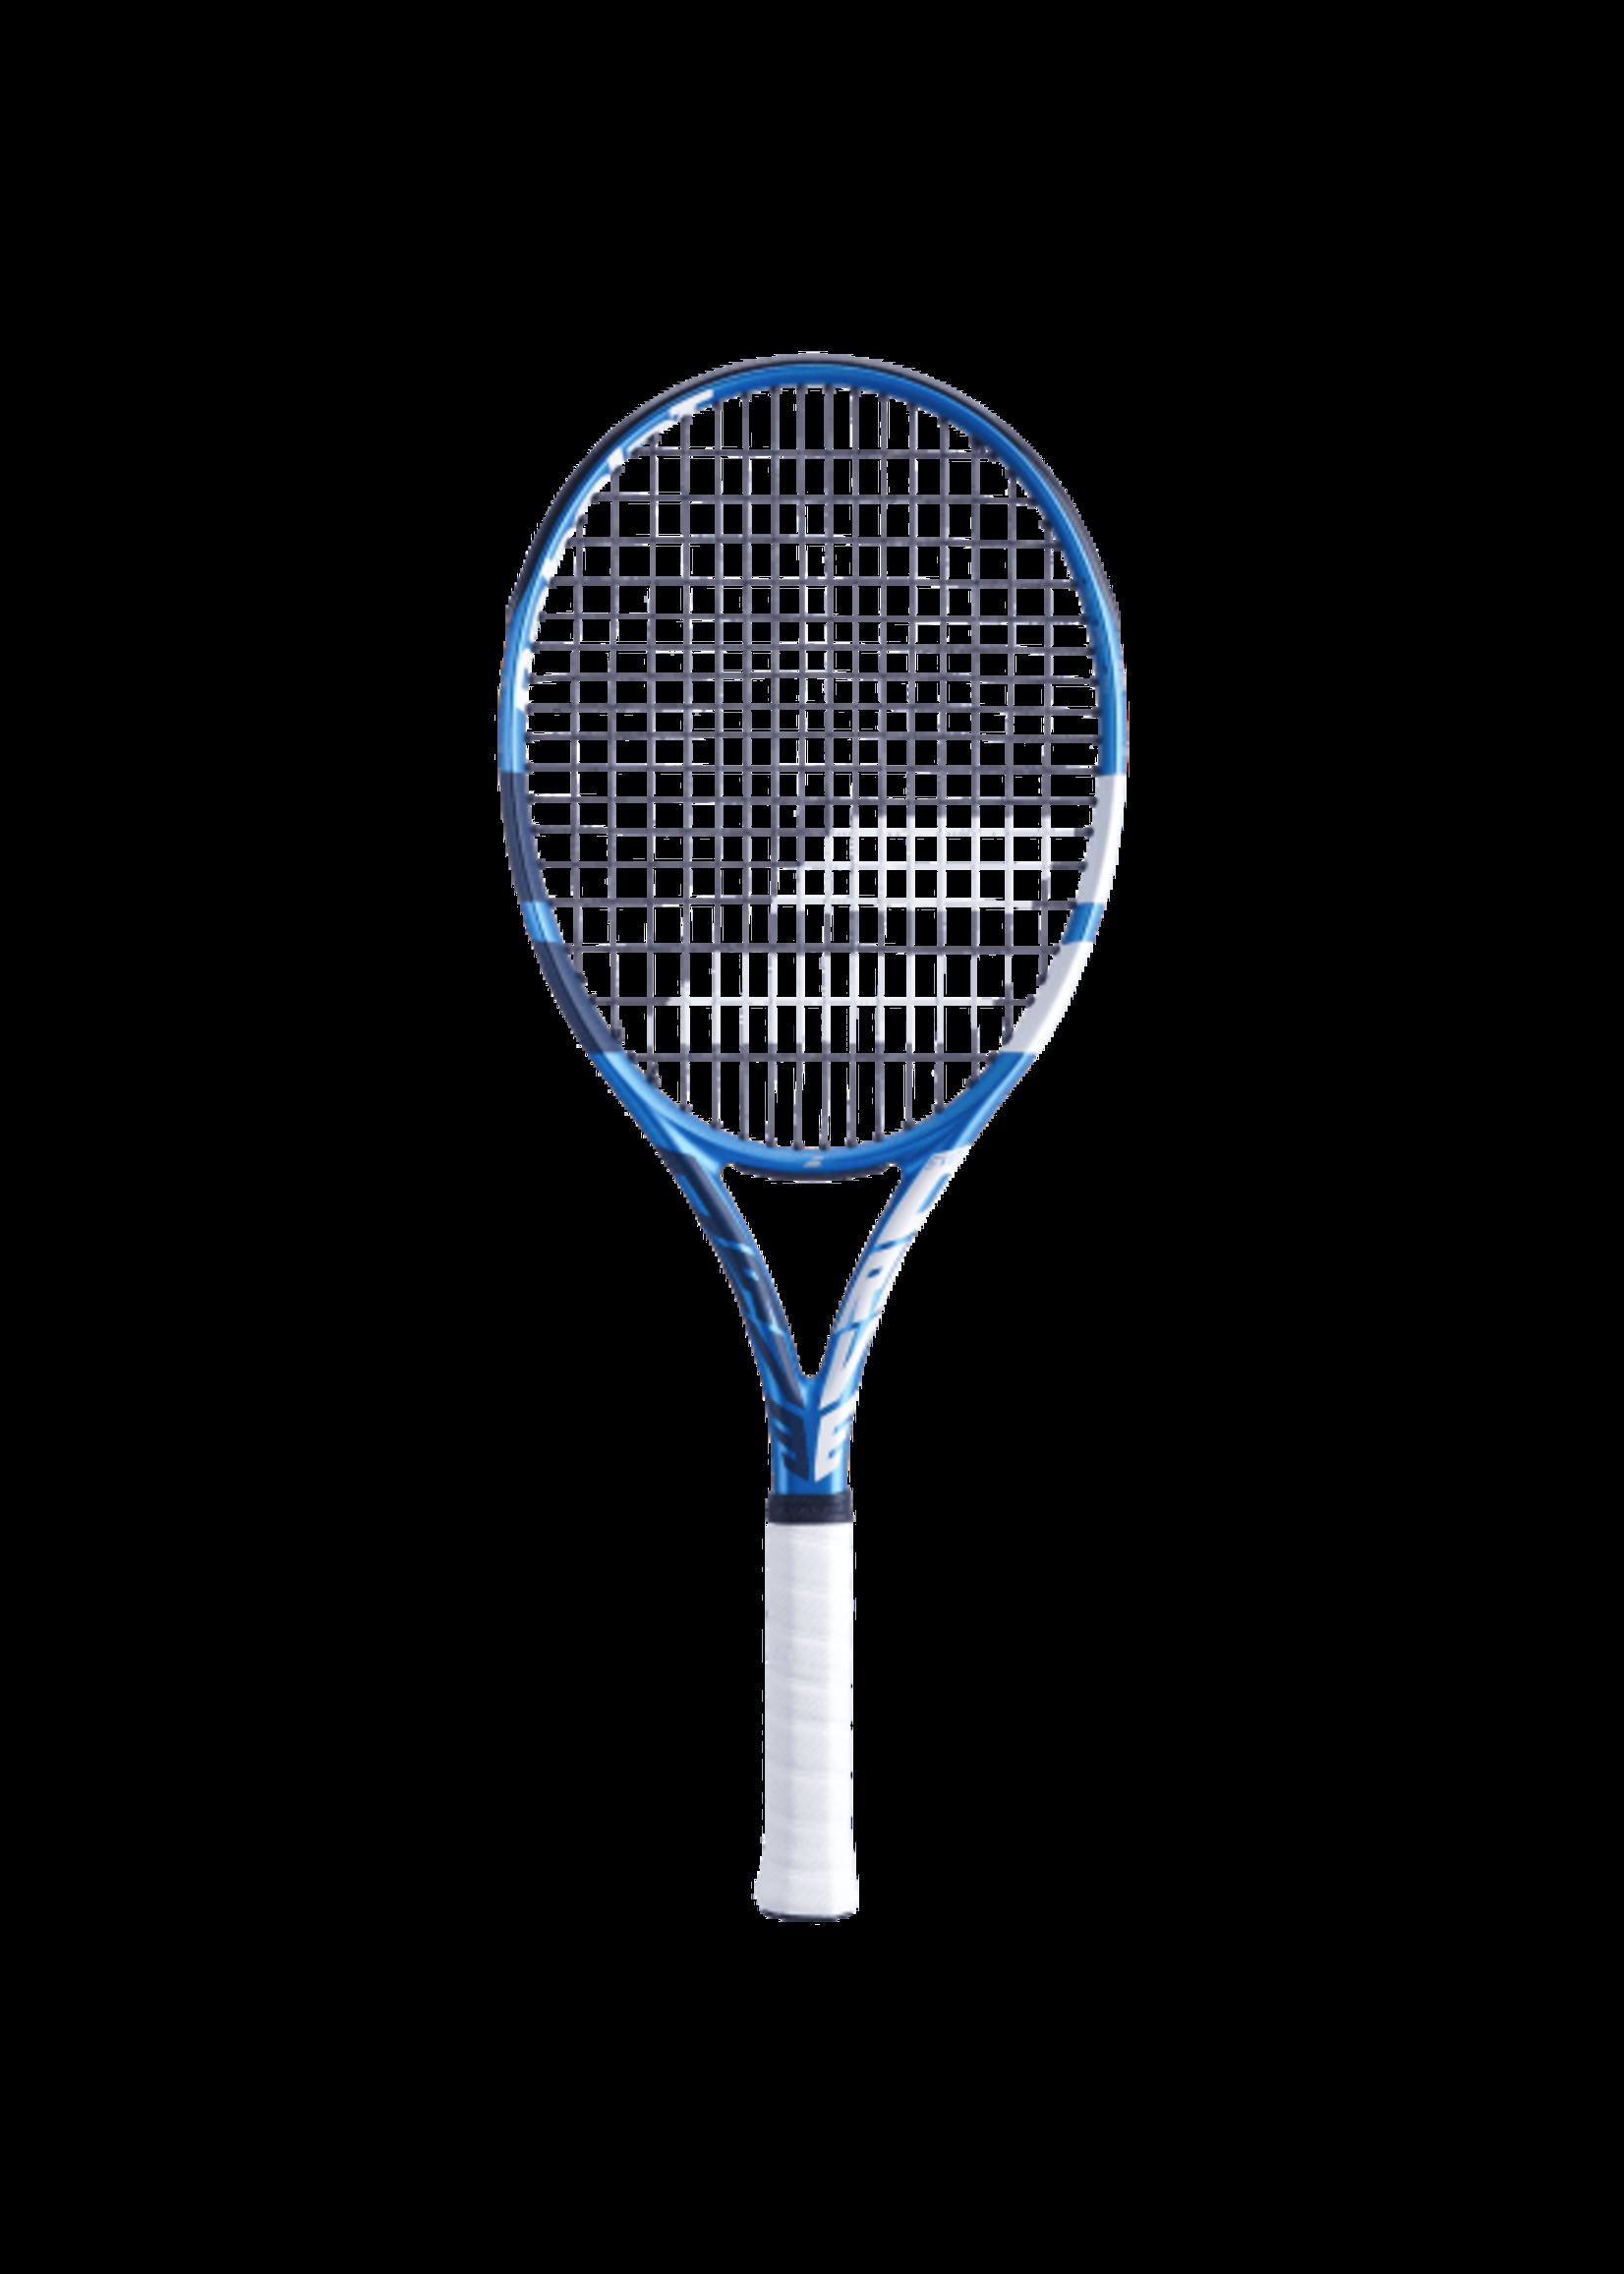 Babolat Babolat Evo Drive Tennis Racket (2021)